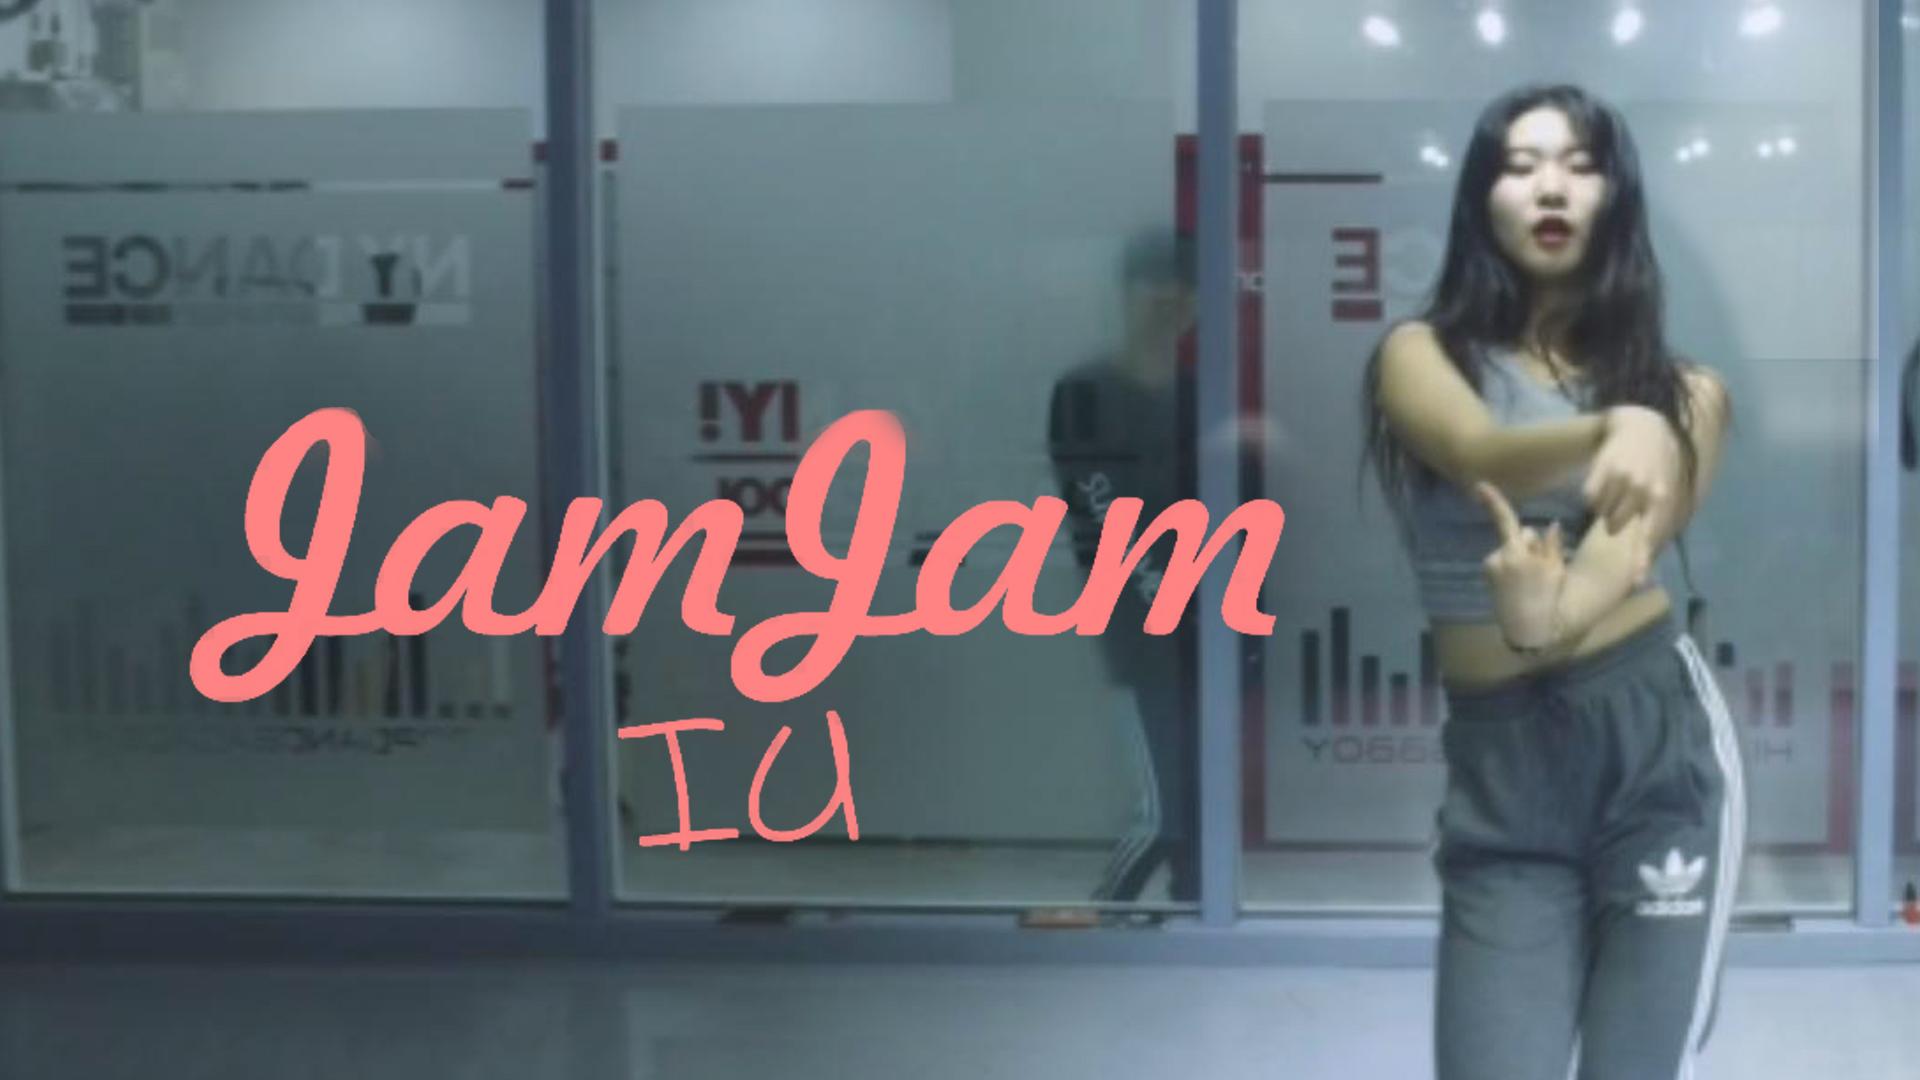 JAMJAM – IU (choreography_Blossomy Hertz)